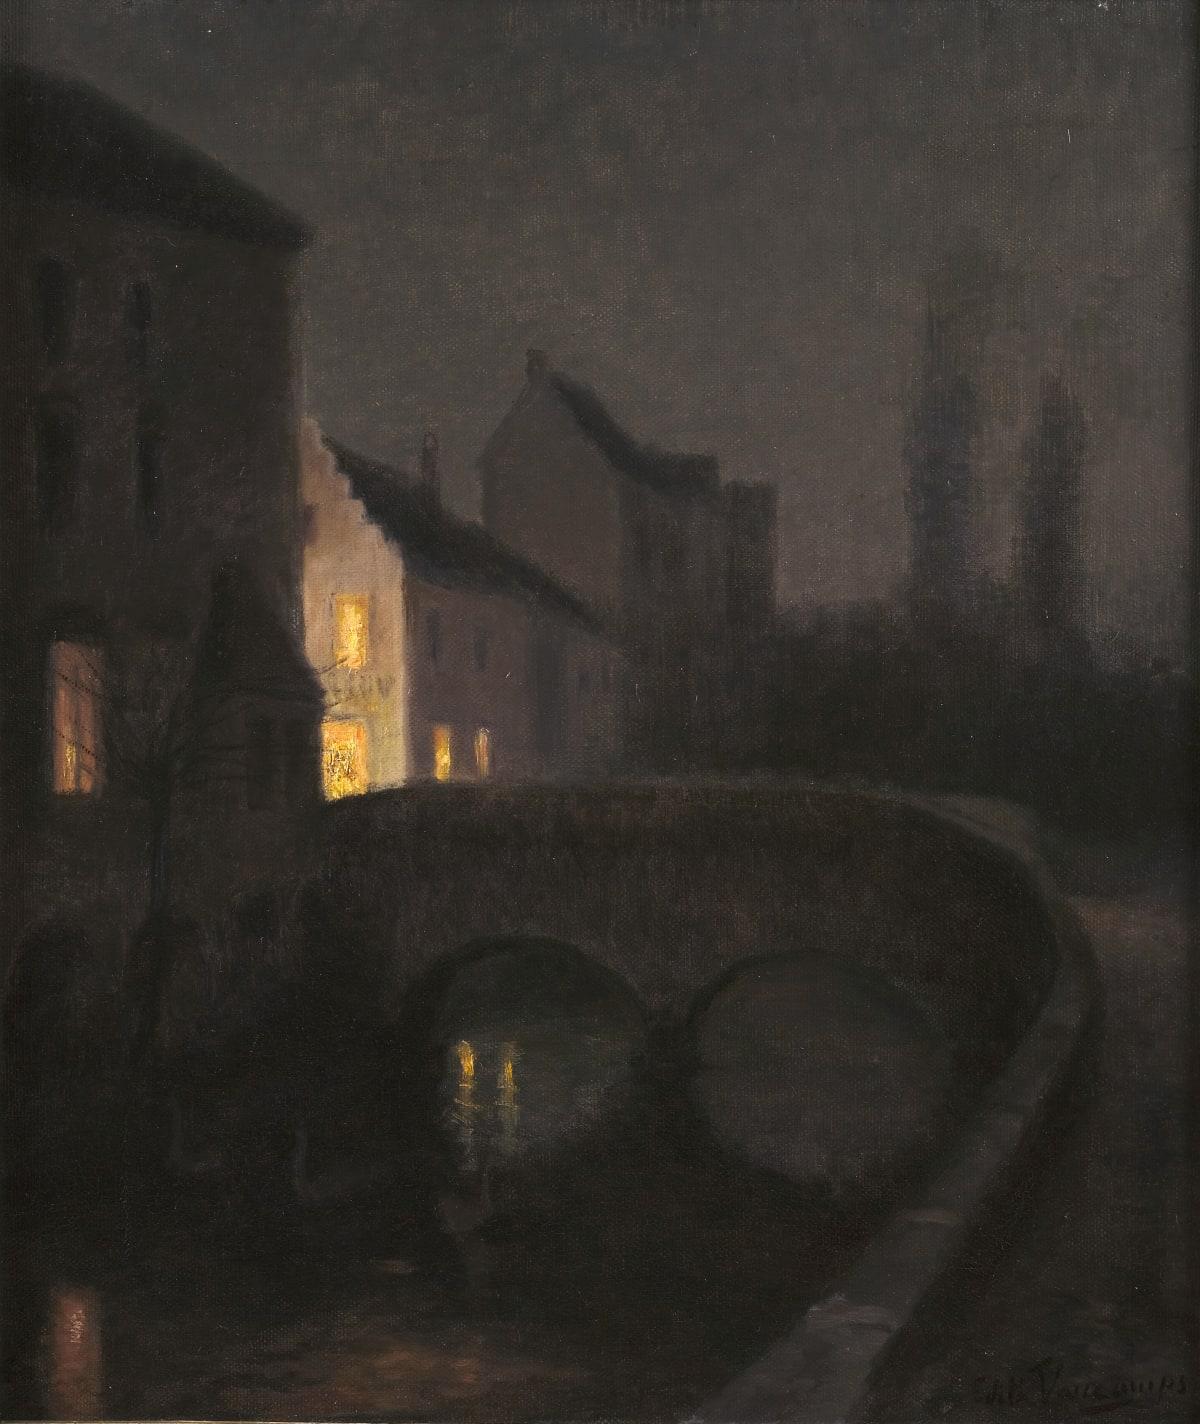 Edith Vaucamps Bruges la nuit, circa 1900 Huile sur toile 60 x 50,5 cm Signé en bas à droite